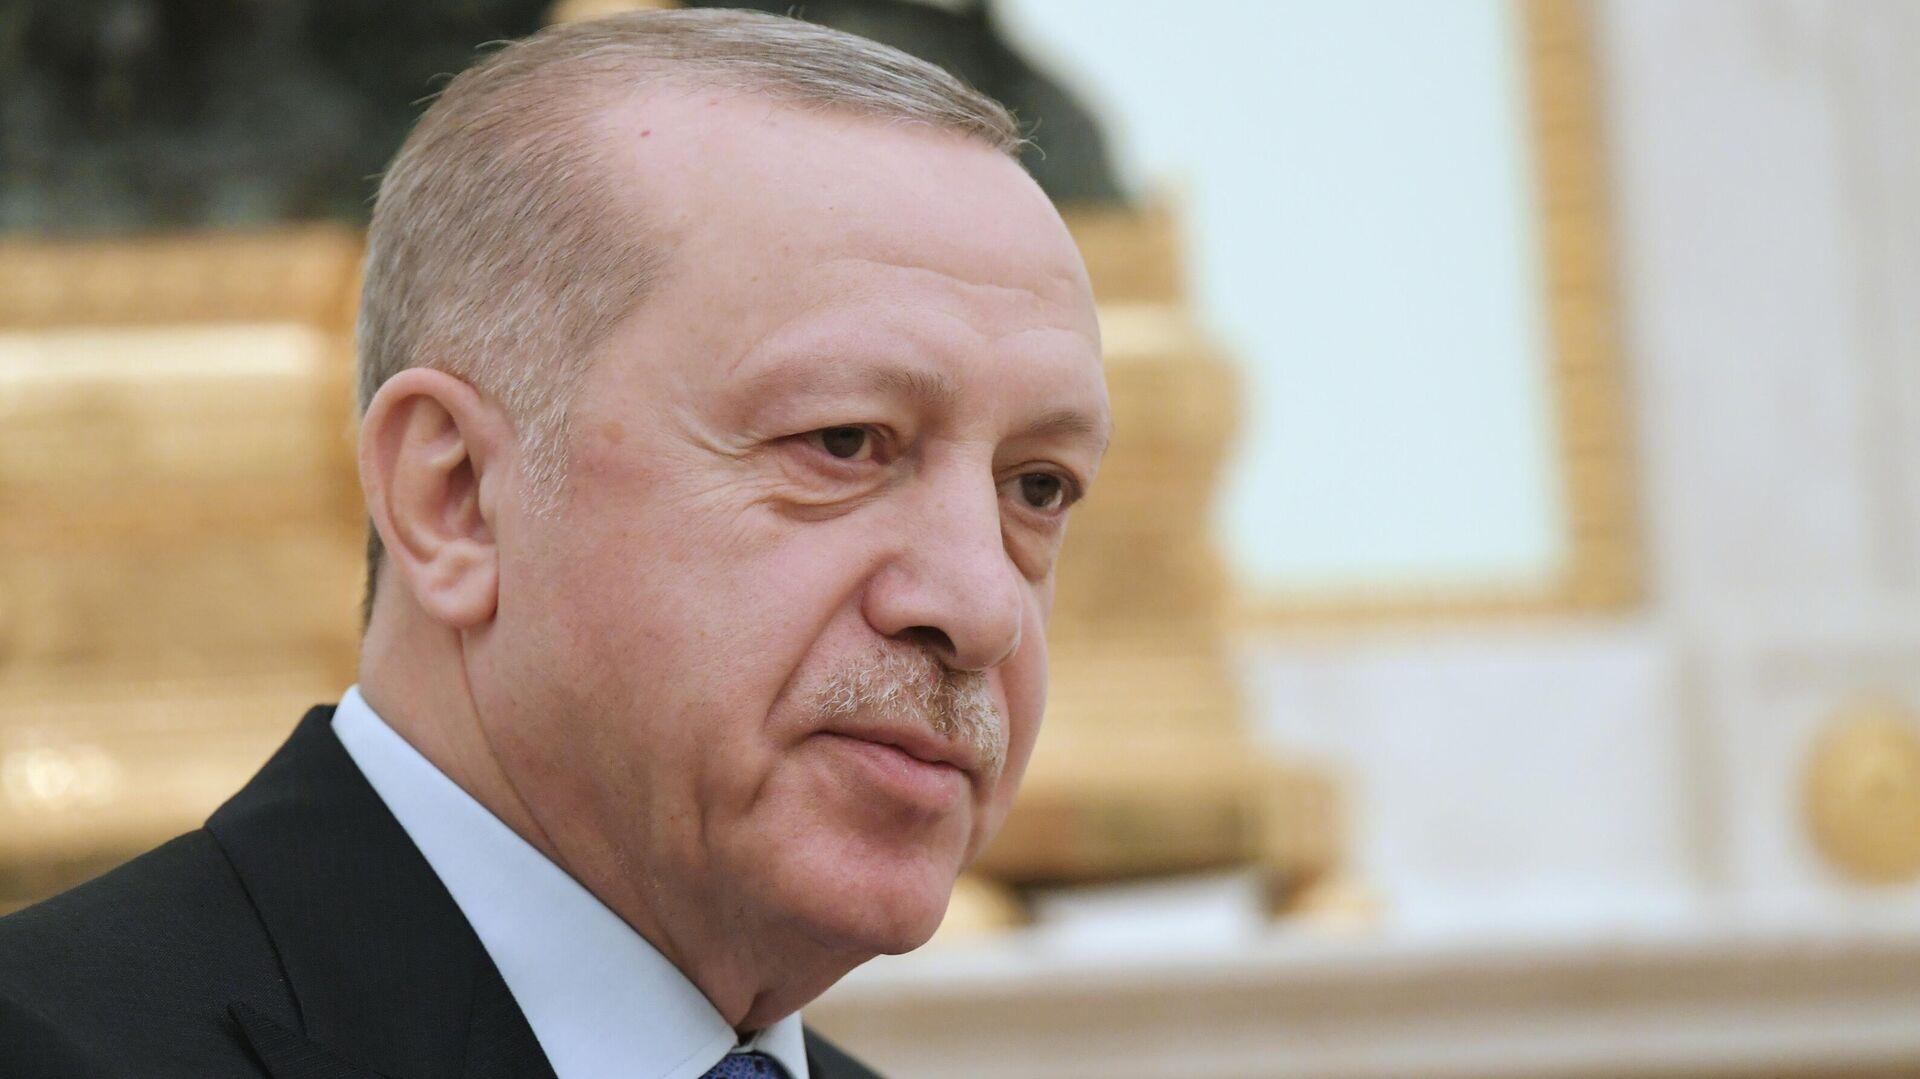 Президент Турции Реджеп Тайип Эрдоган во время встречи с президентом РФ Владимиром Путиным - РИА Новости, 1920, 23.10.2020